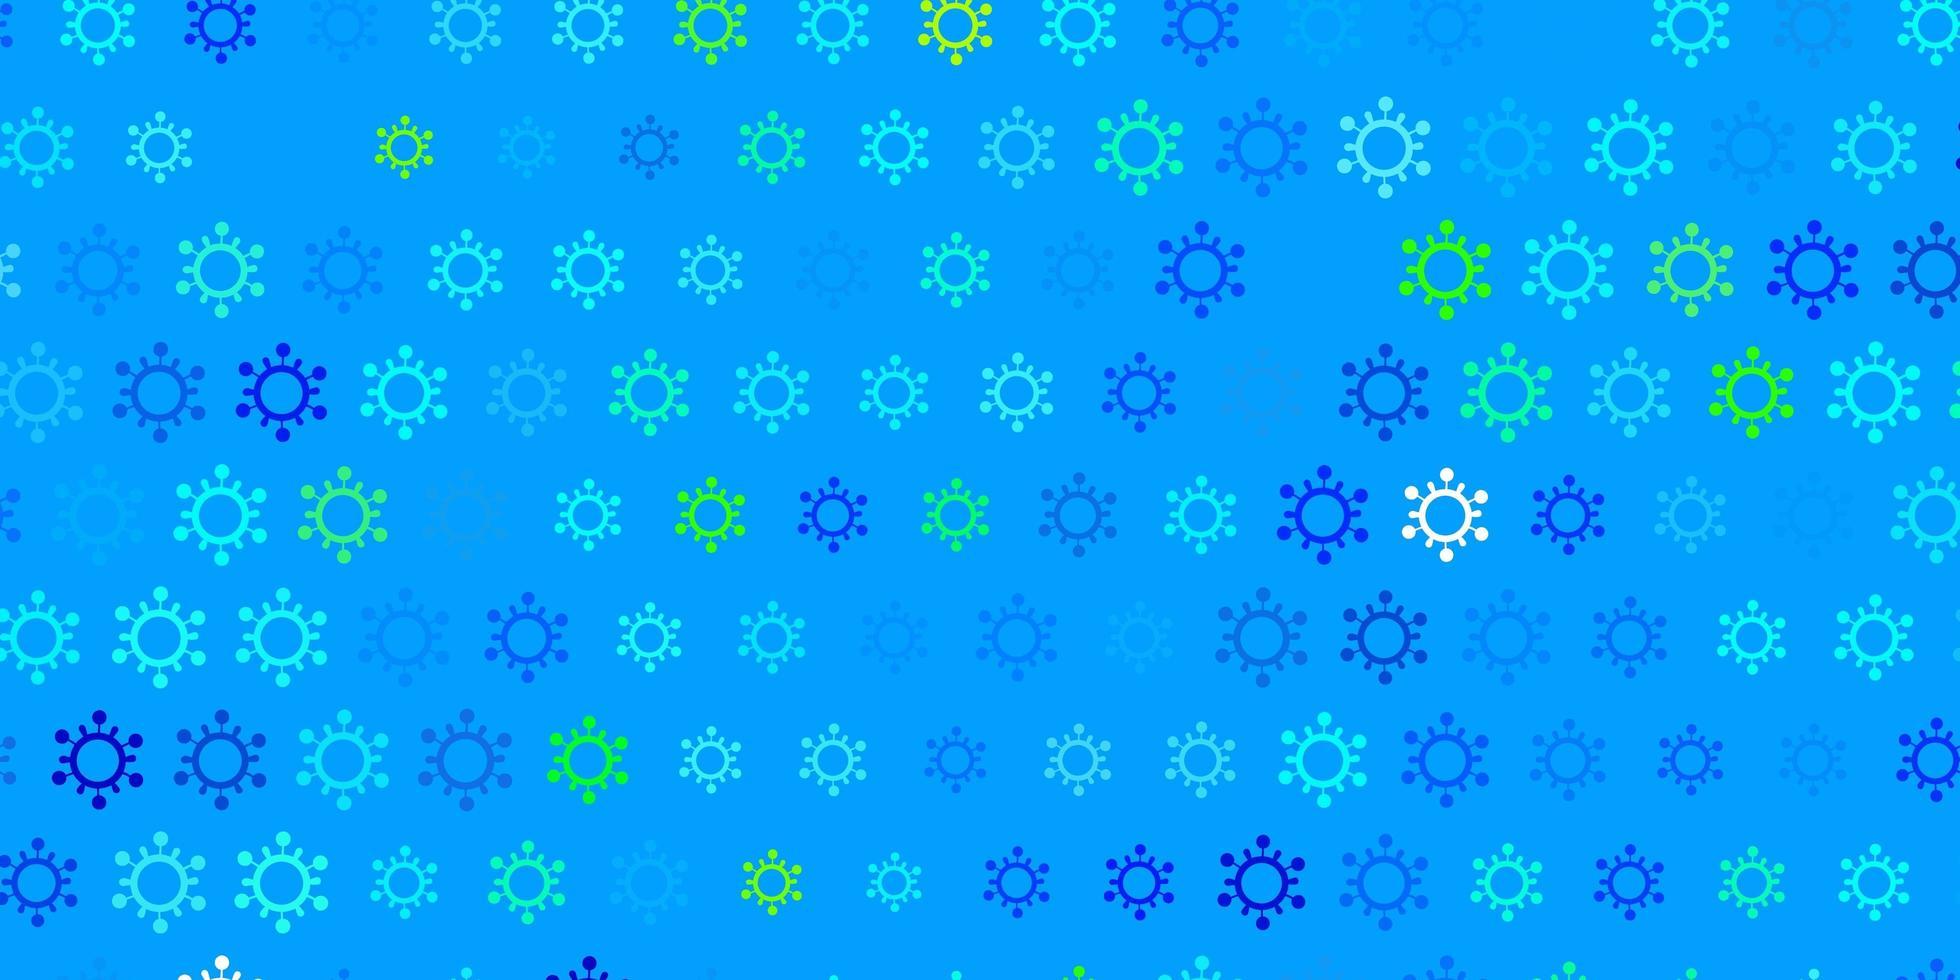 padrão de vetor azul escuro e verde com elementos de coronavírus.